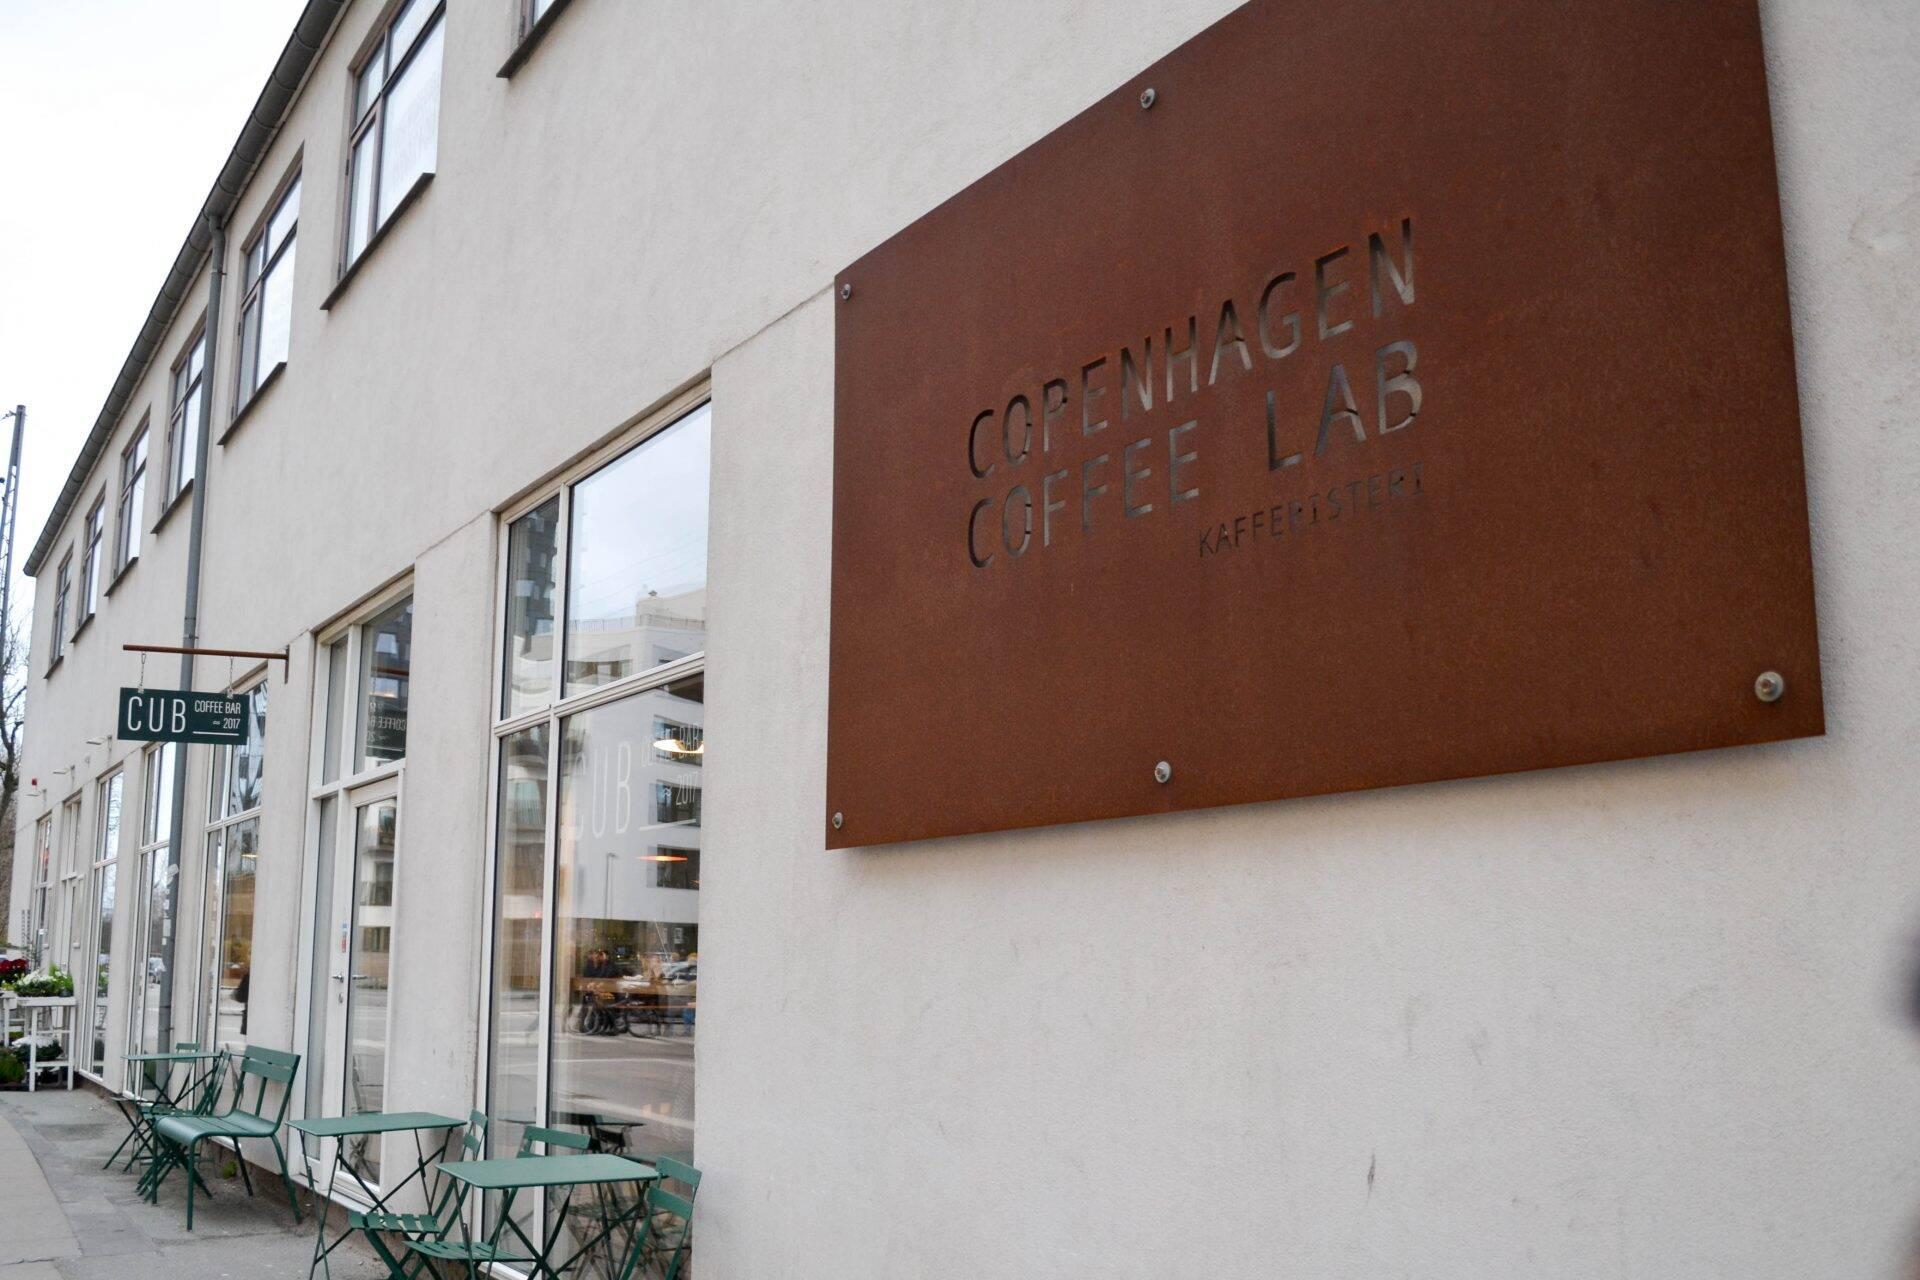 Copenhagen Coffee Lab ApS in Kopenhagen